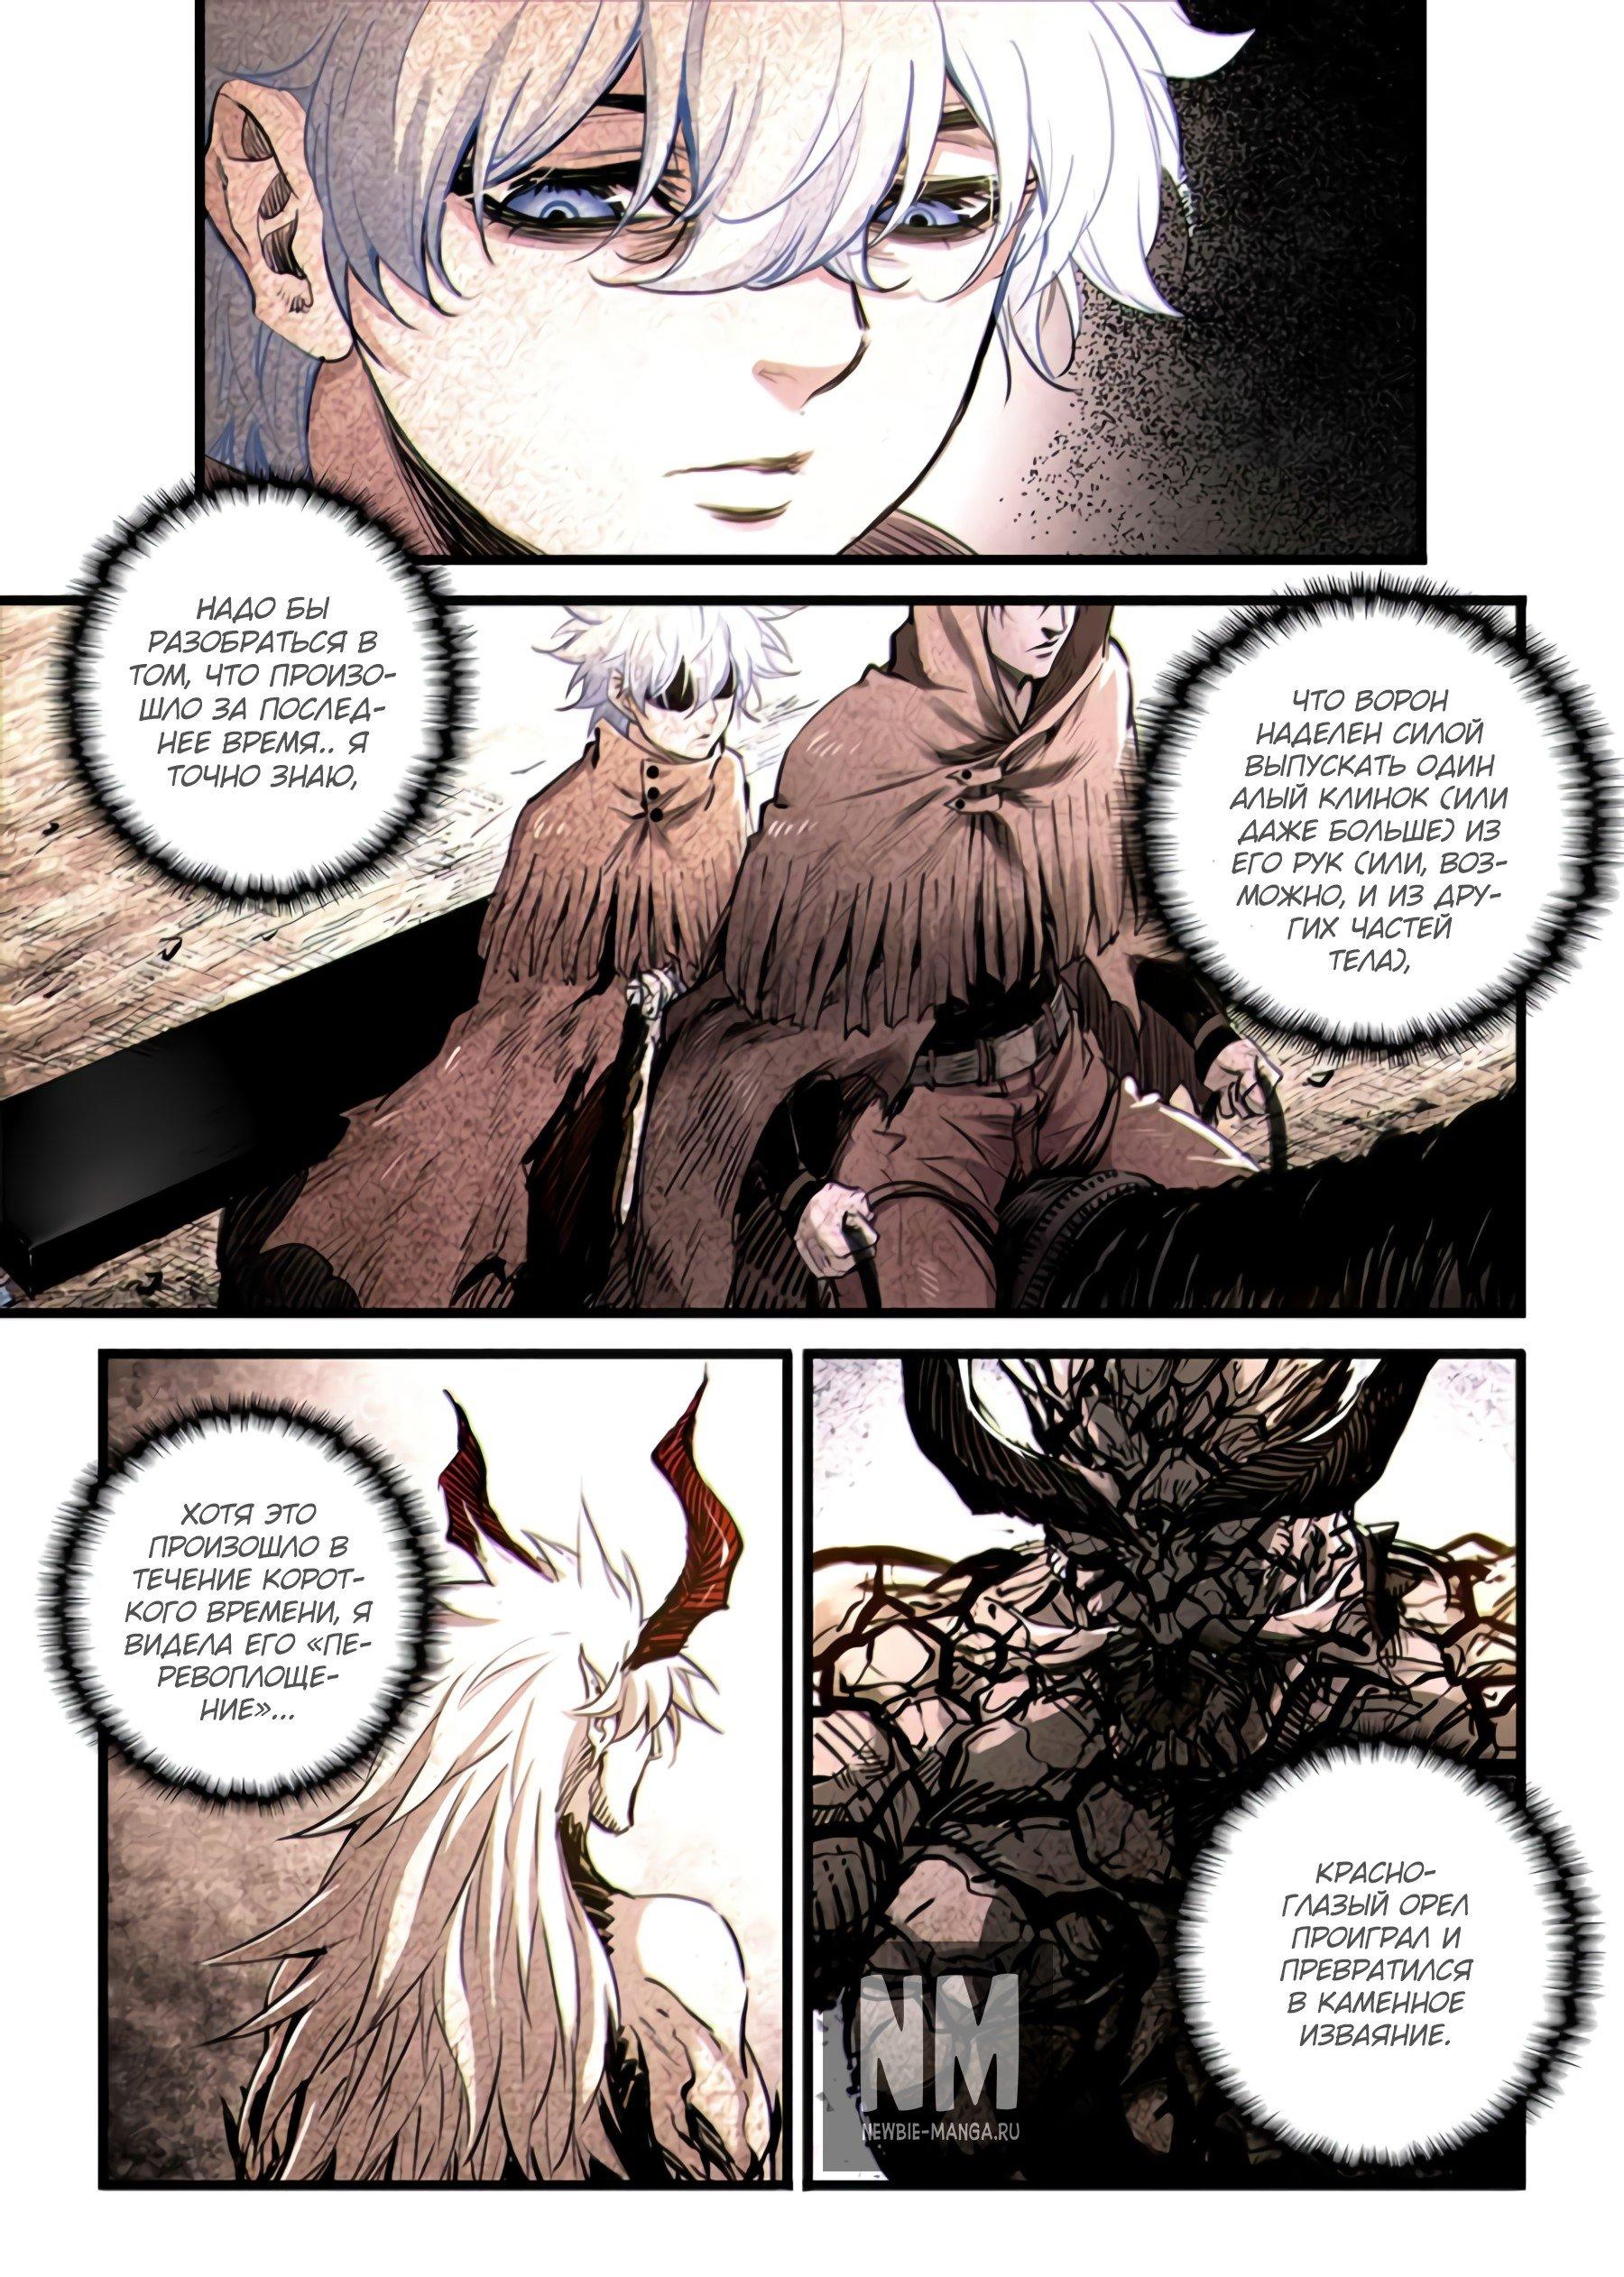 Манга Постапокалиптические Путешествие - Глава 21 Страница 1